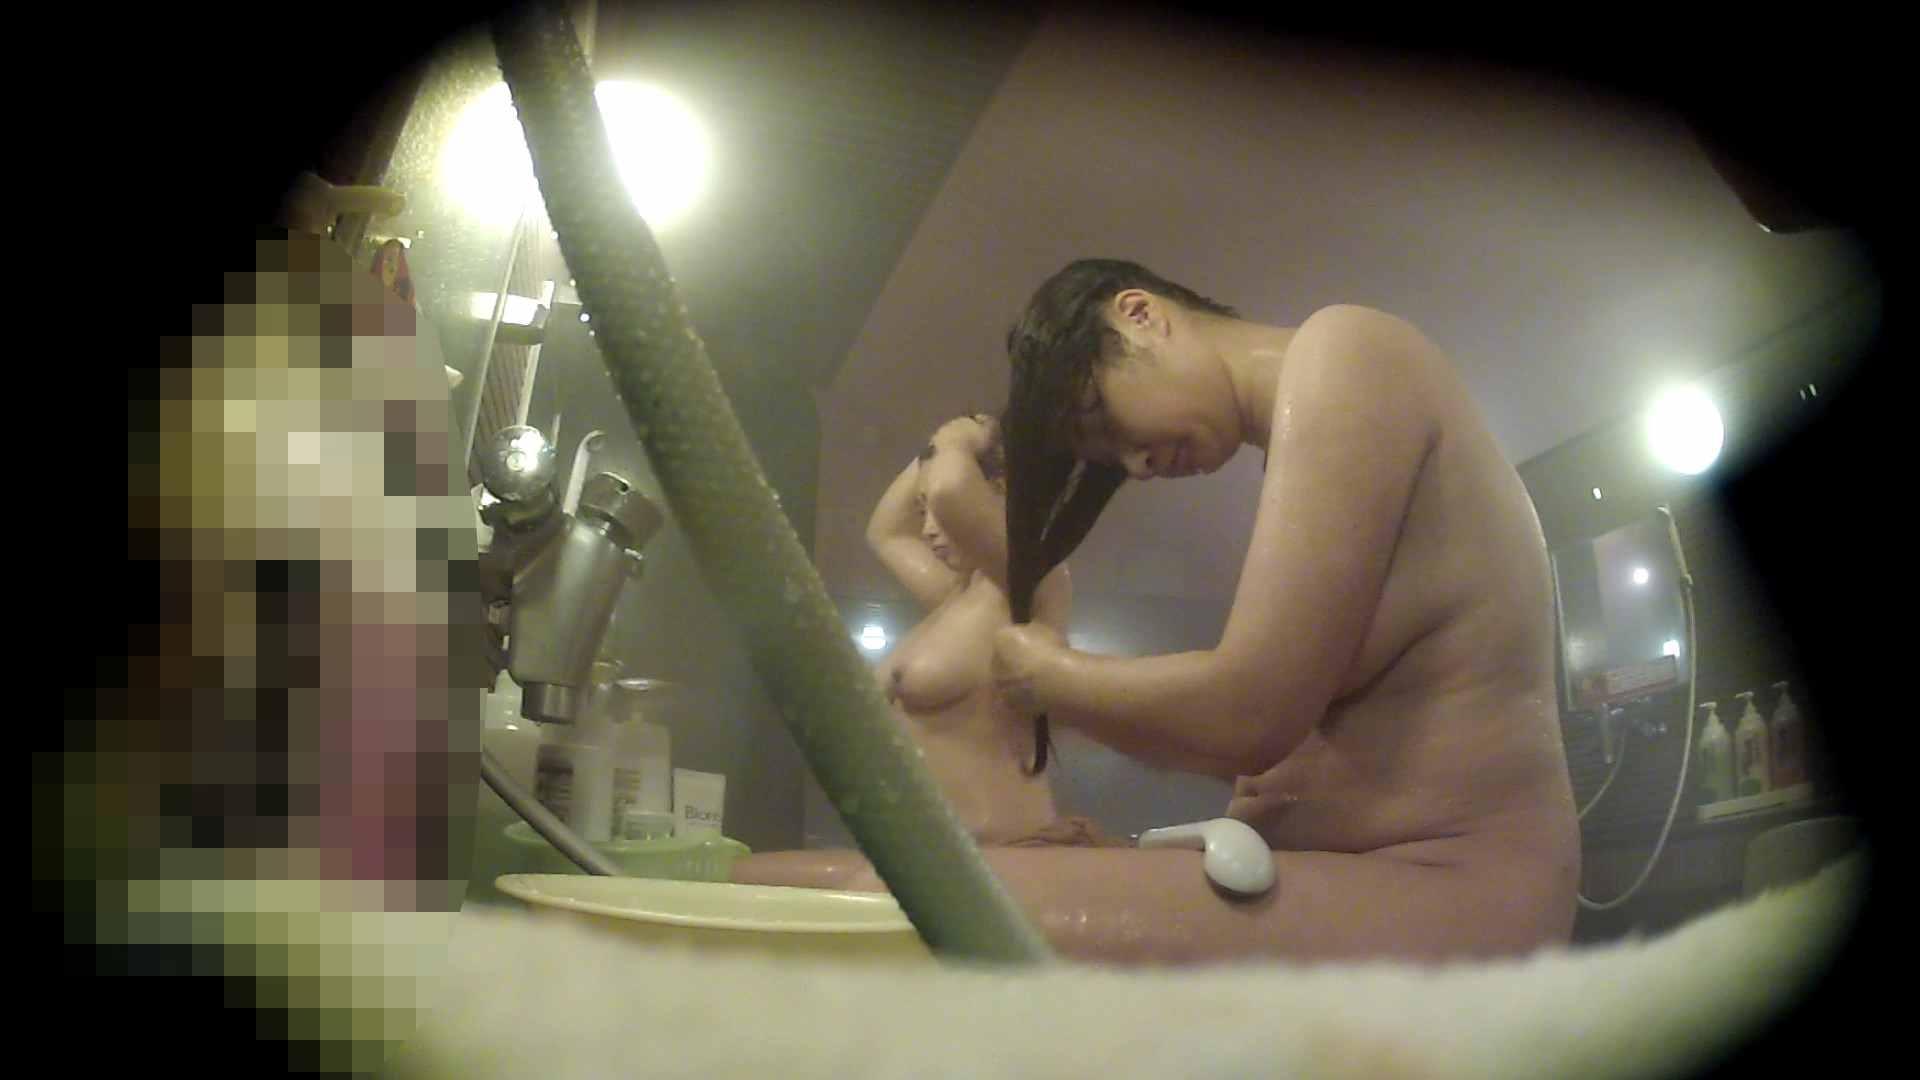 ハイビジョン 洗い場!豊満な乳が大地へと・・・乳輪の大きさは人それぞれ 銭湯特撮  91連発 52